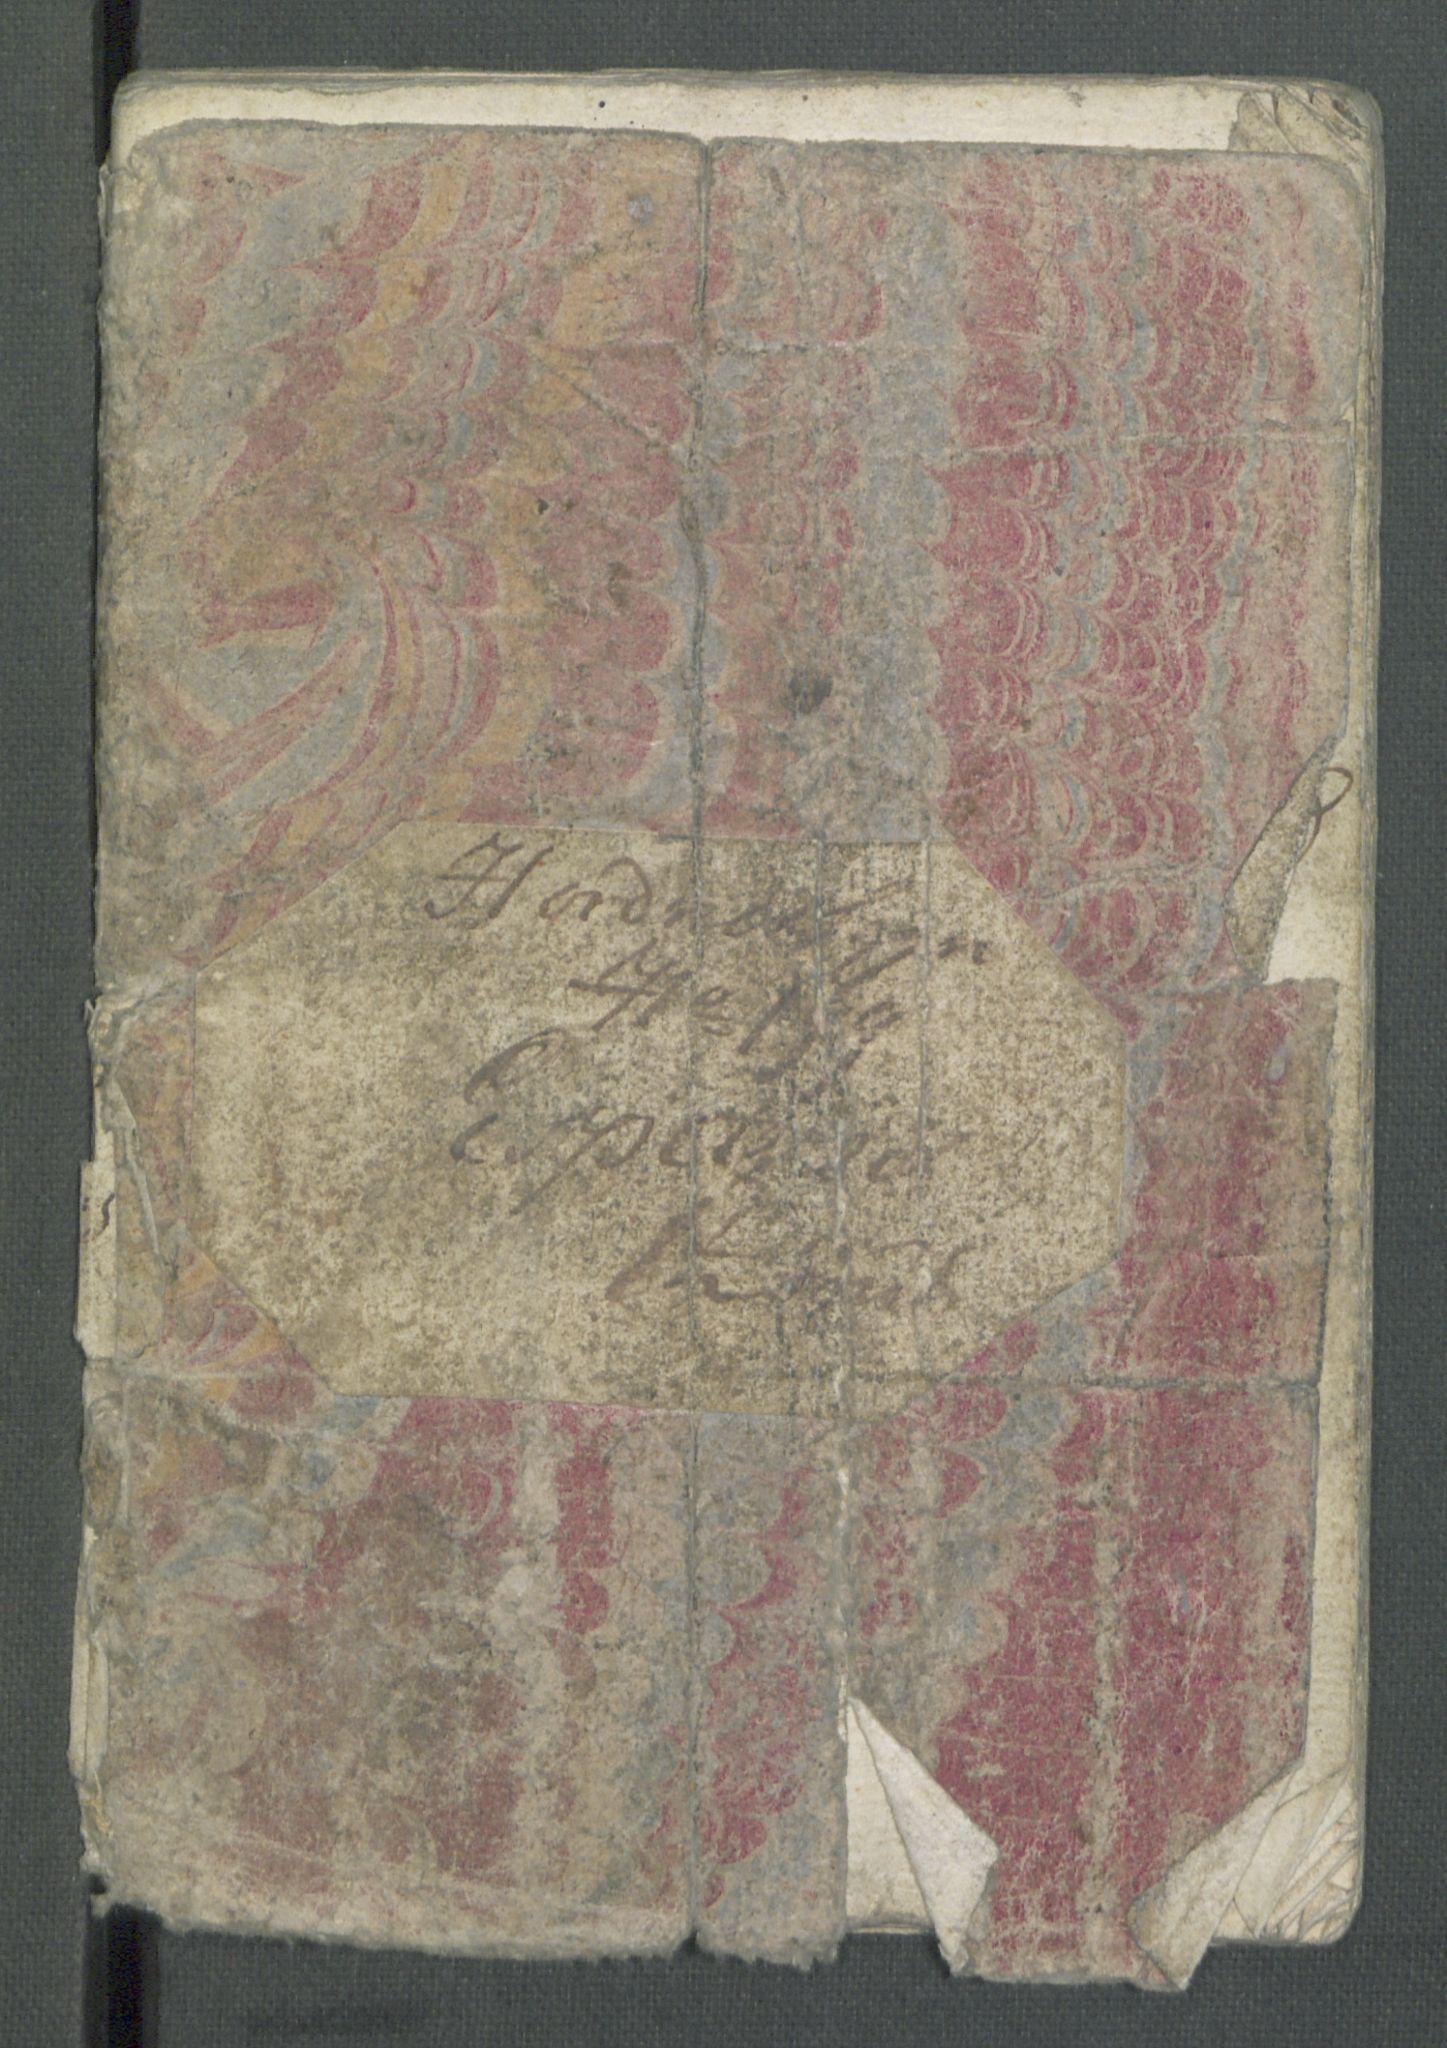 RA, Rentekammeret inntil 1814, Realistisk ordnet avdeling, Od/L0001: Oppløp, 1786-1769, s. 493